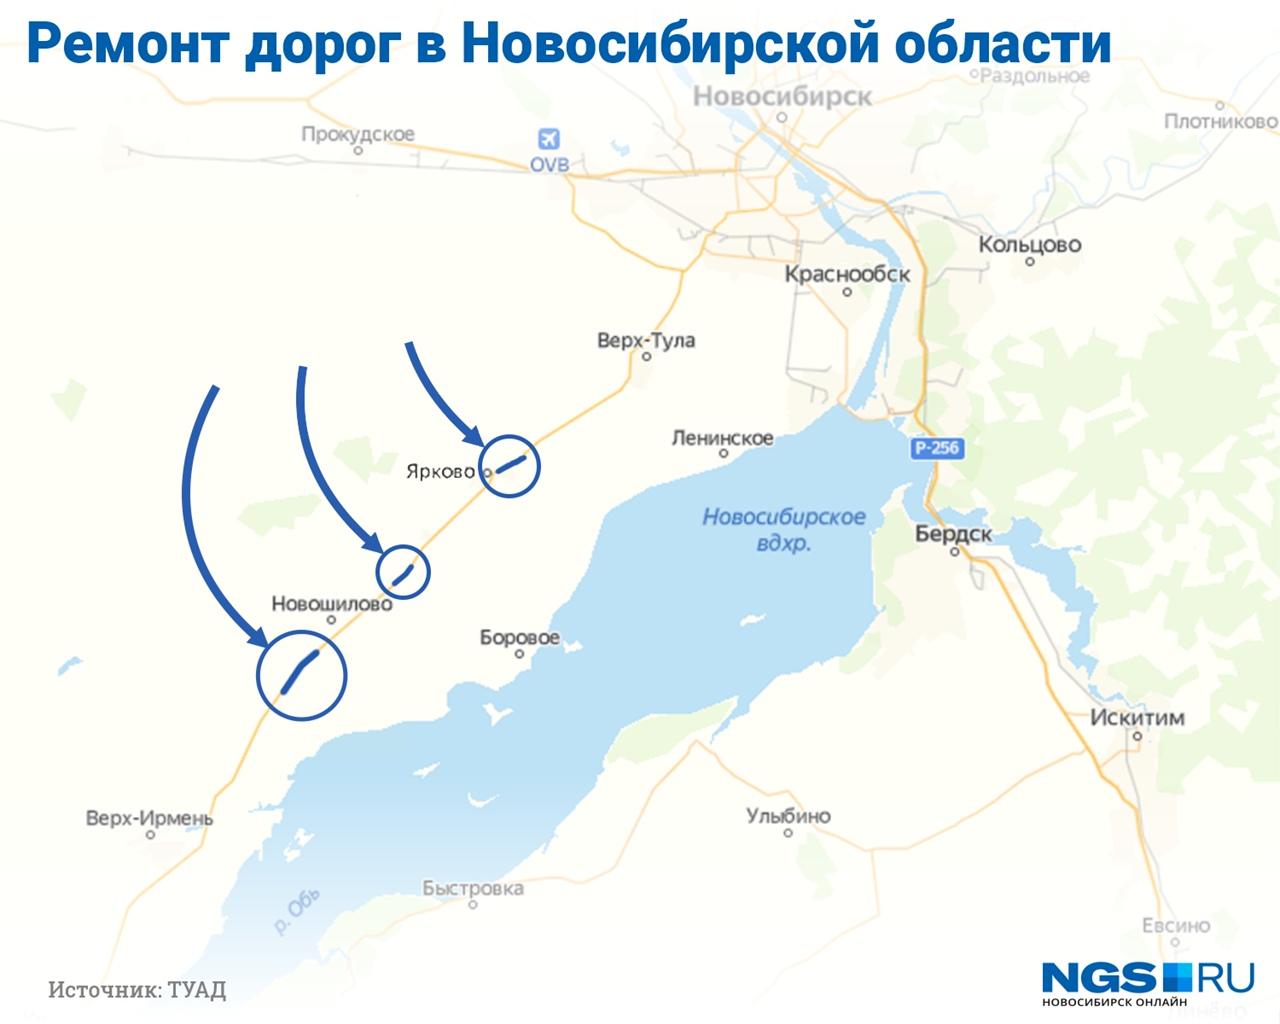 Участки ремонта находятся в Новосибирском районе